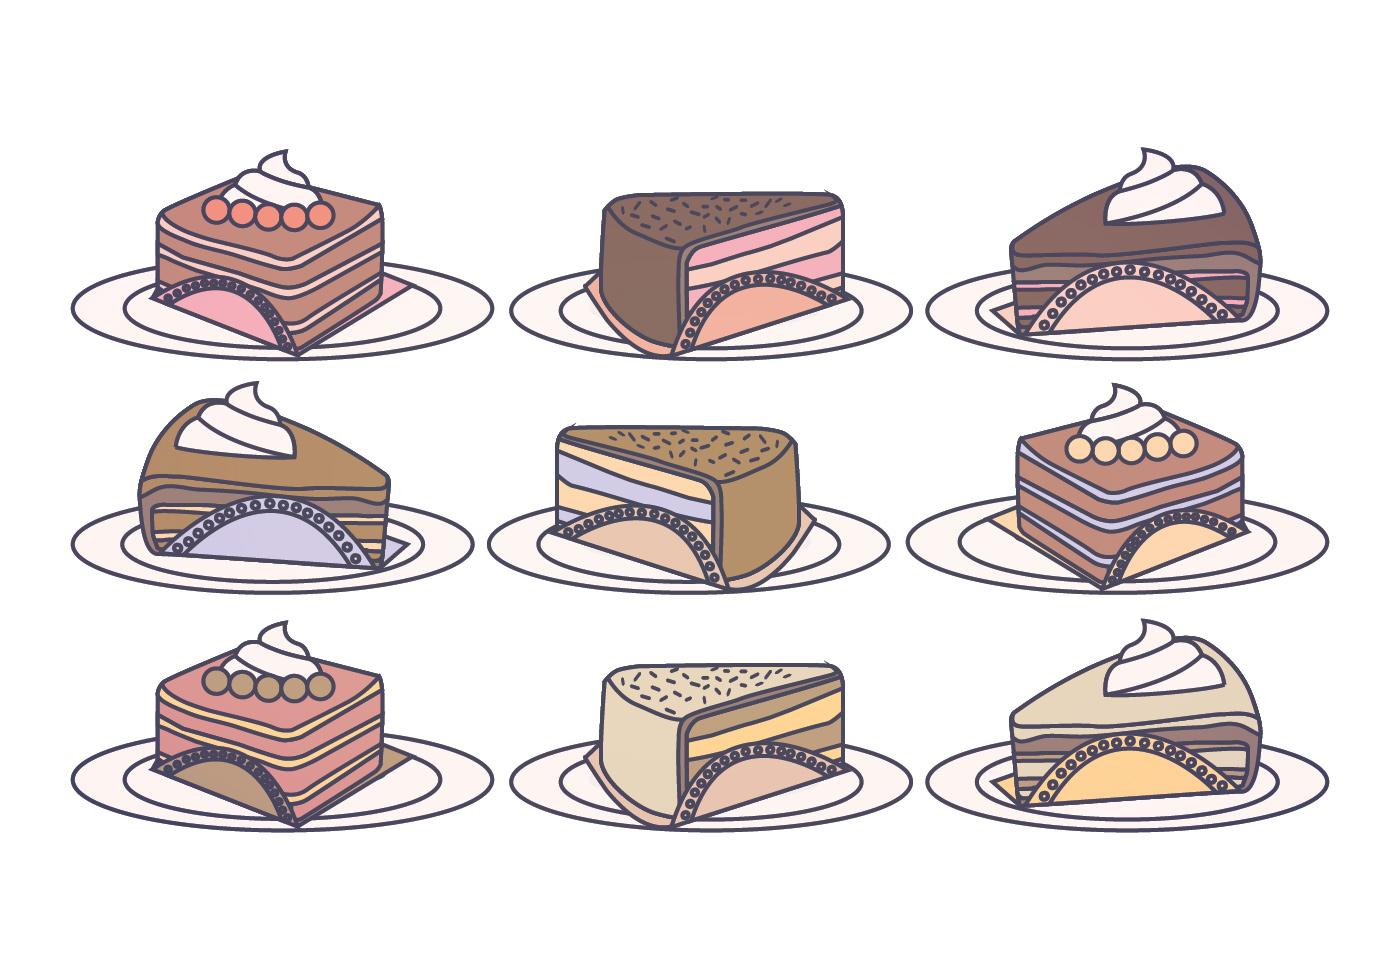 蛋糕插圖 免費下載 | 天天瘋後製